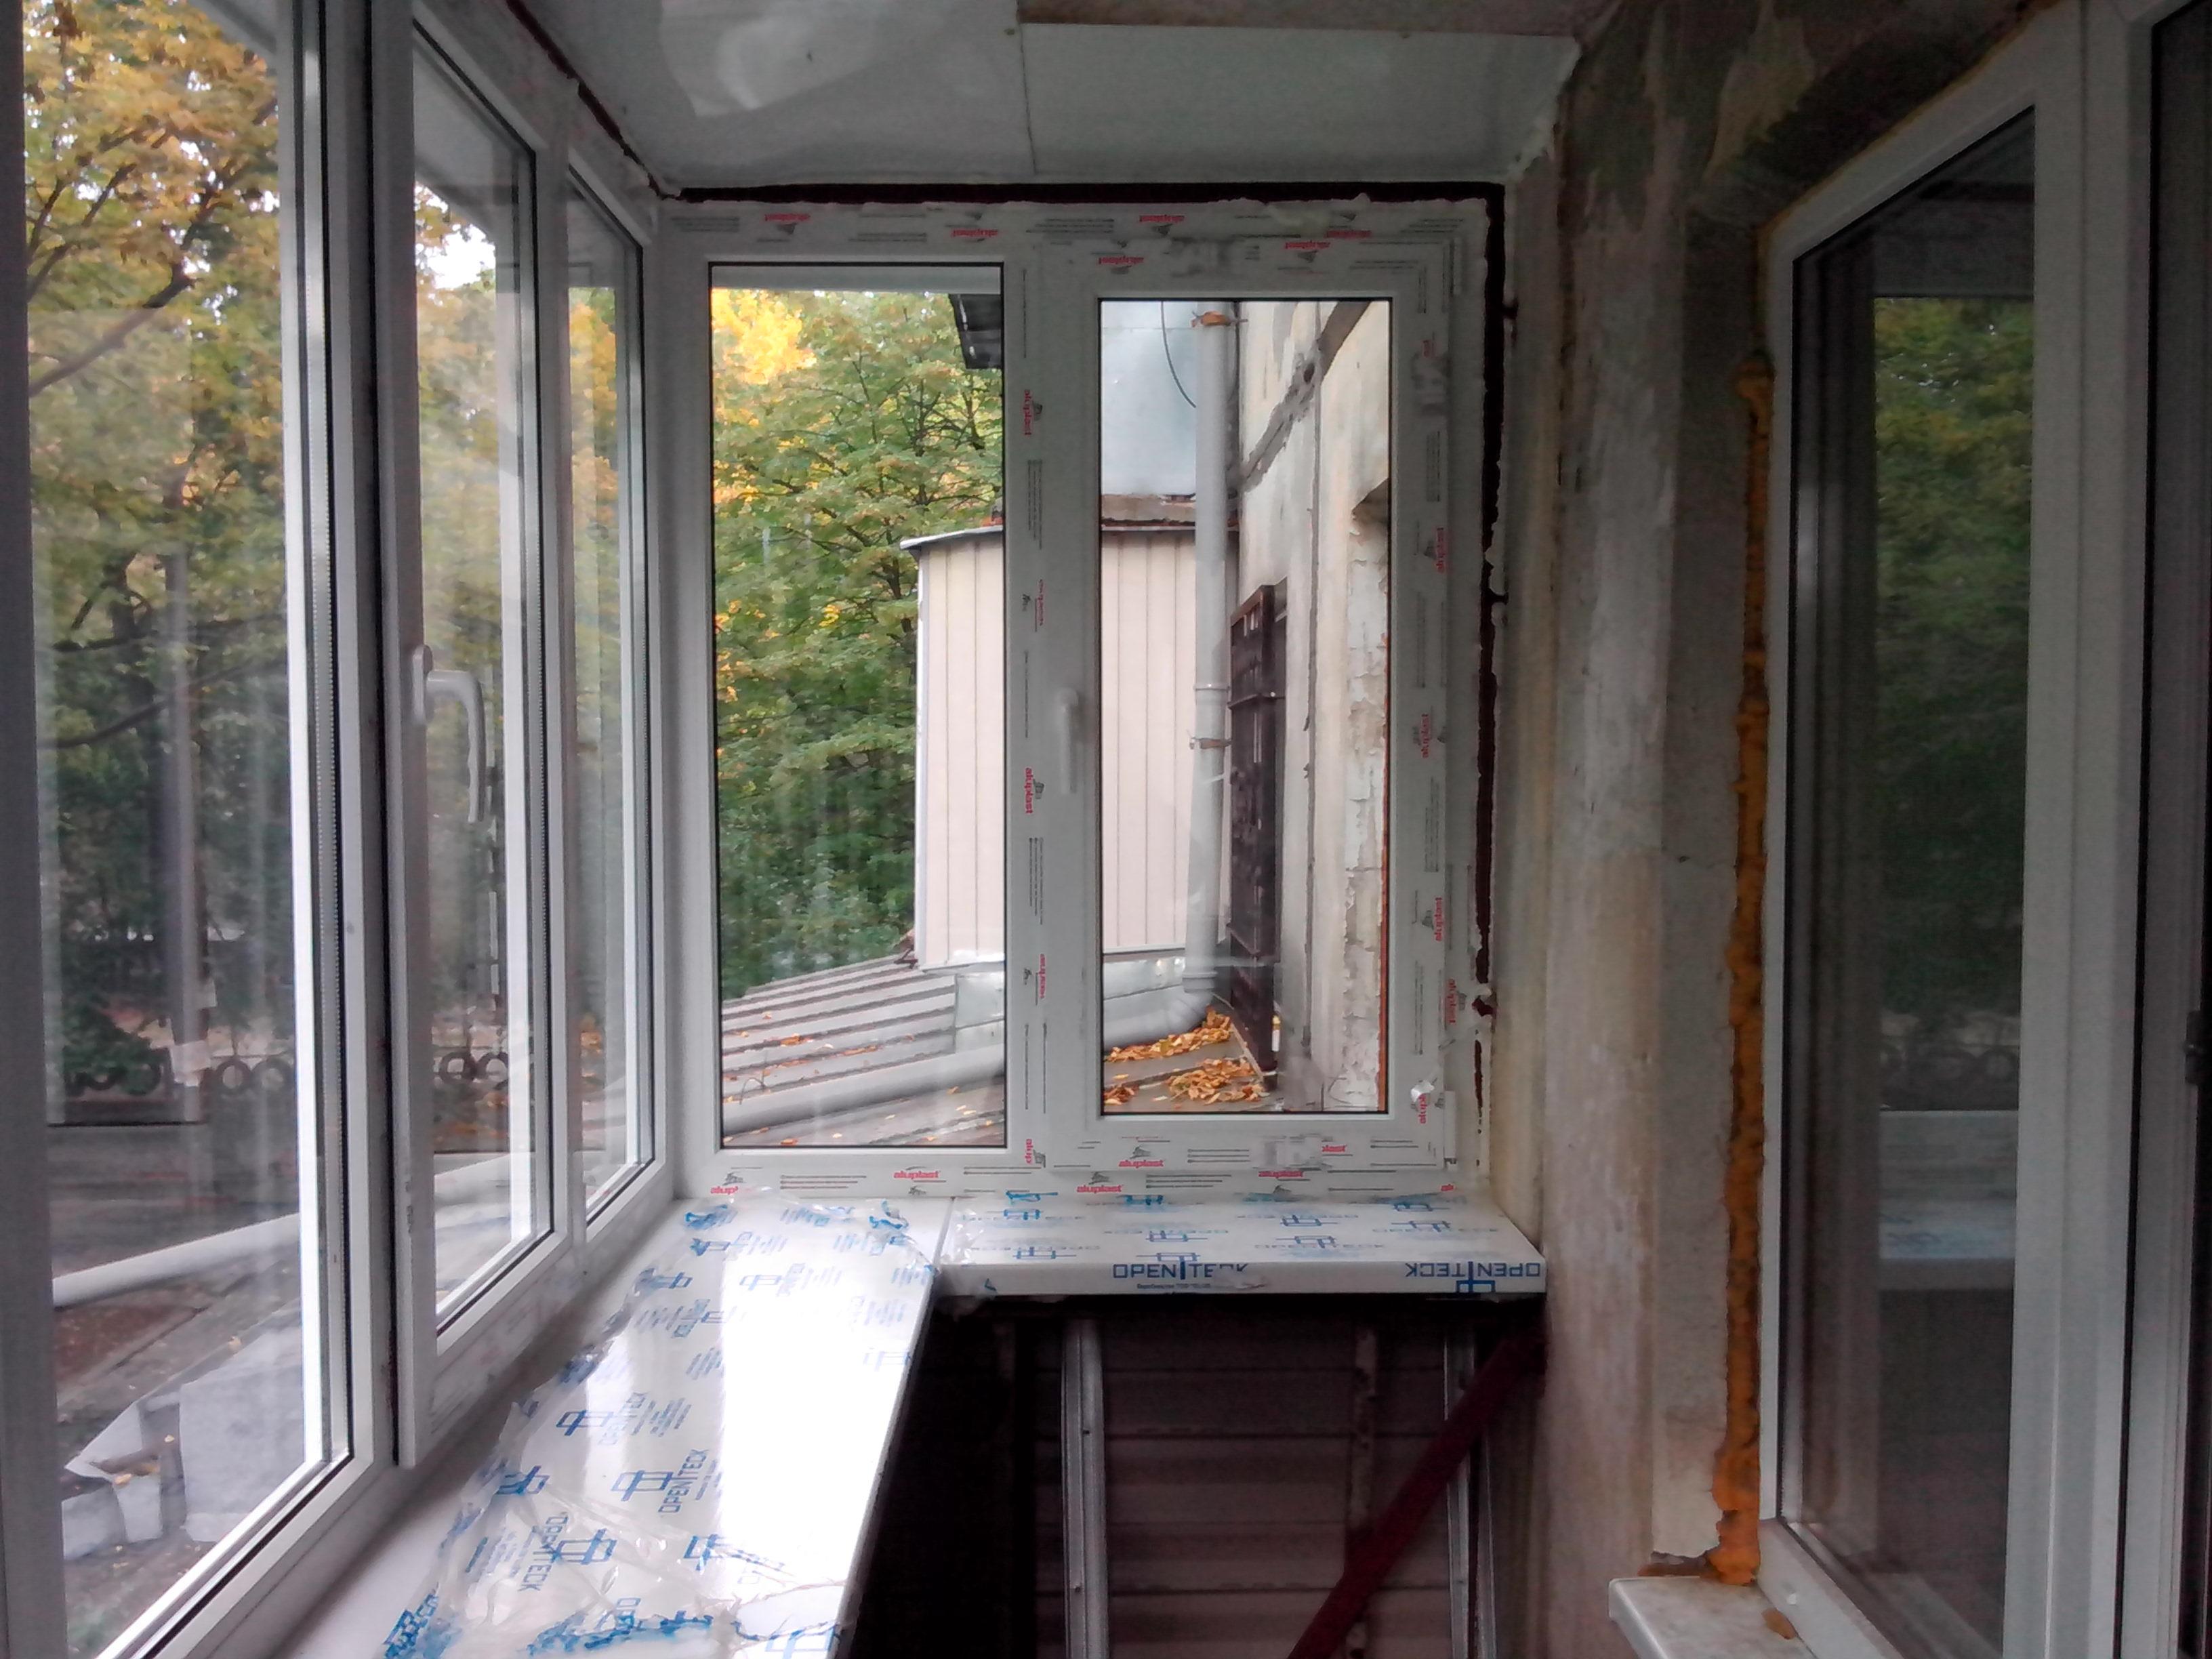 Балкон под ключ макслорія ml.dp.ua - магазин дверей та метал.